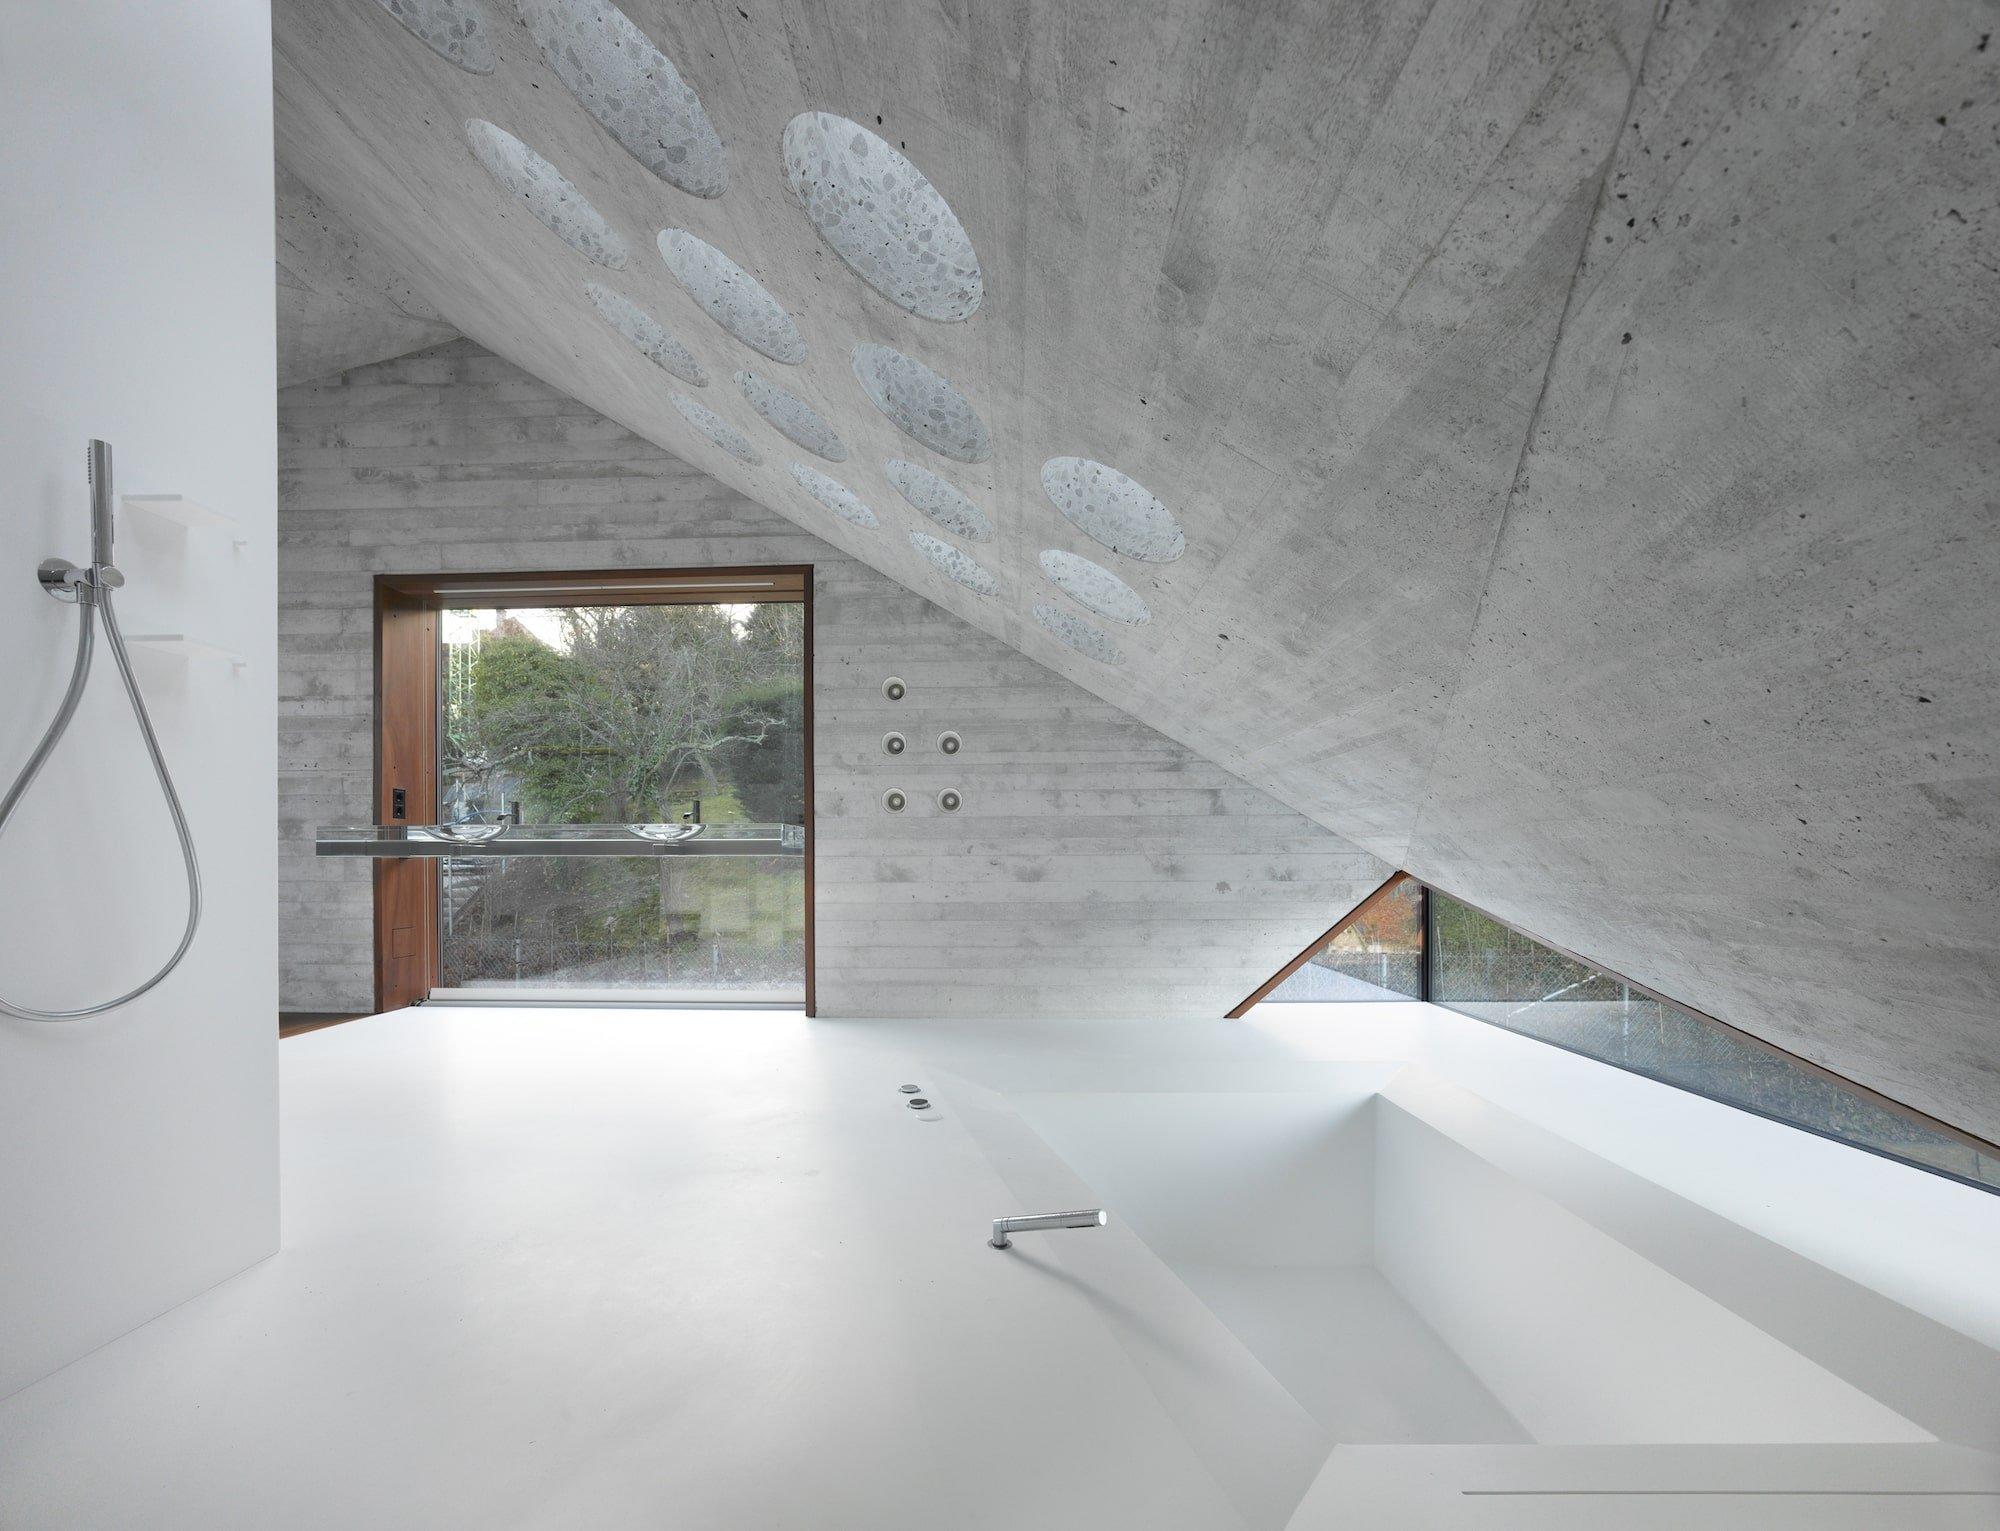 Tento dům stojící v německém Stuttgartu je dokonalou odpovědí na otázku, jak by mohlo vypadat ekologické bydlení současnosti. Dům si hraje zejména s kombinací skla a betonu, velké zastoupení tu mají však i recyklované materiály. Čím dalším je tento dům zajímavý?